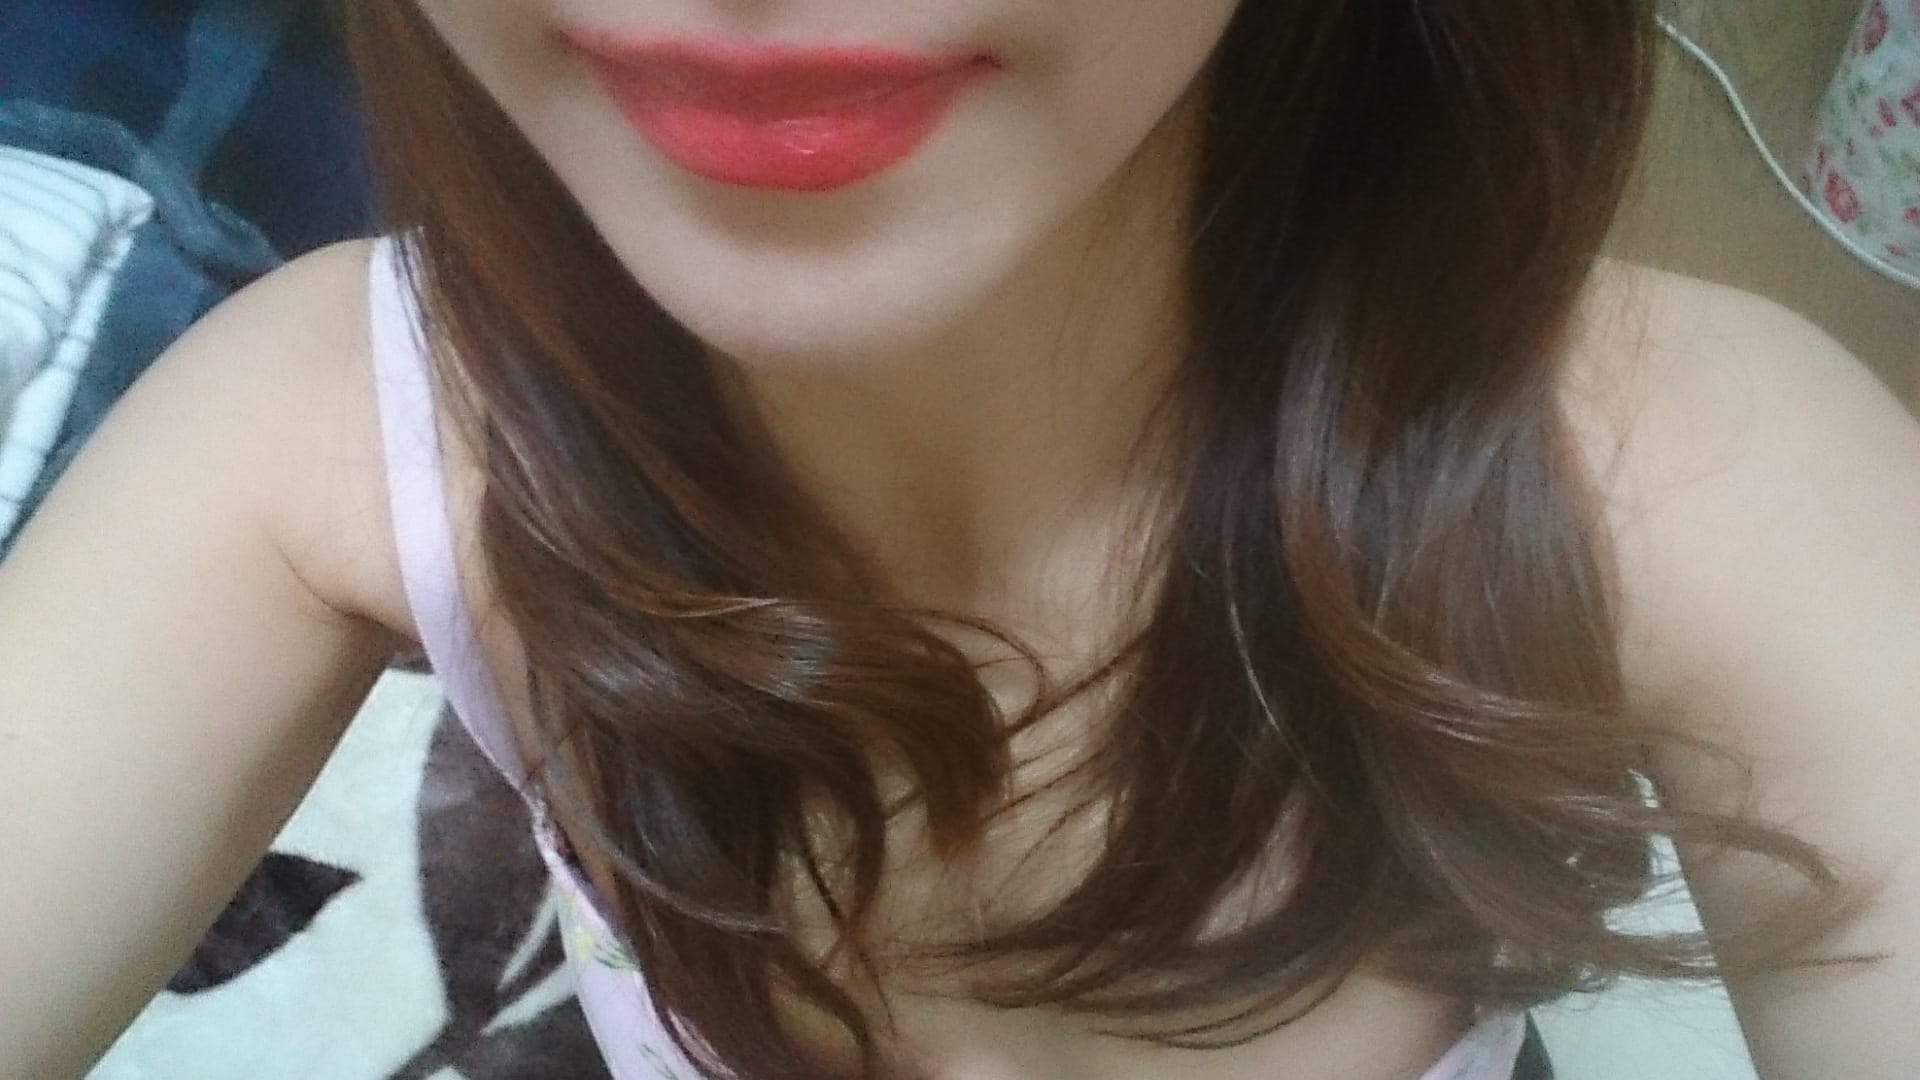 「おはようございます」04/24(04/24) 07:55   夢川 あいの写メ・風俗動画